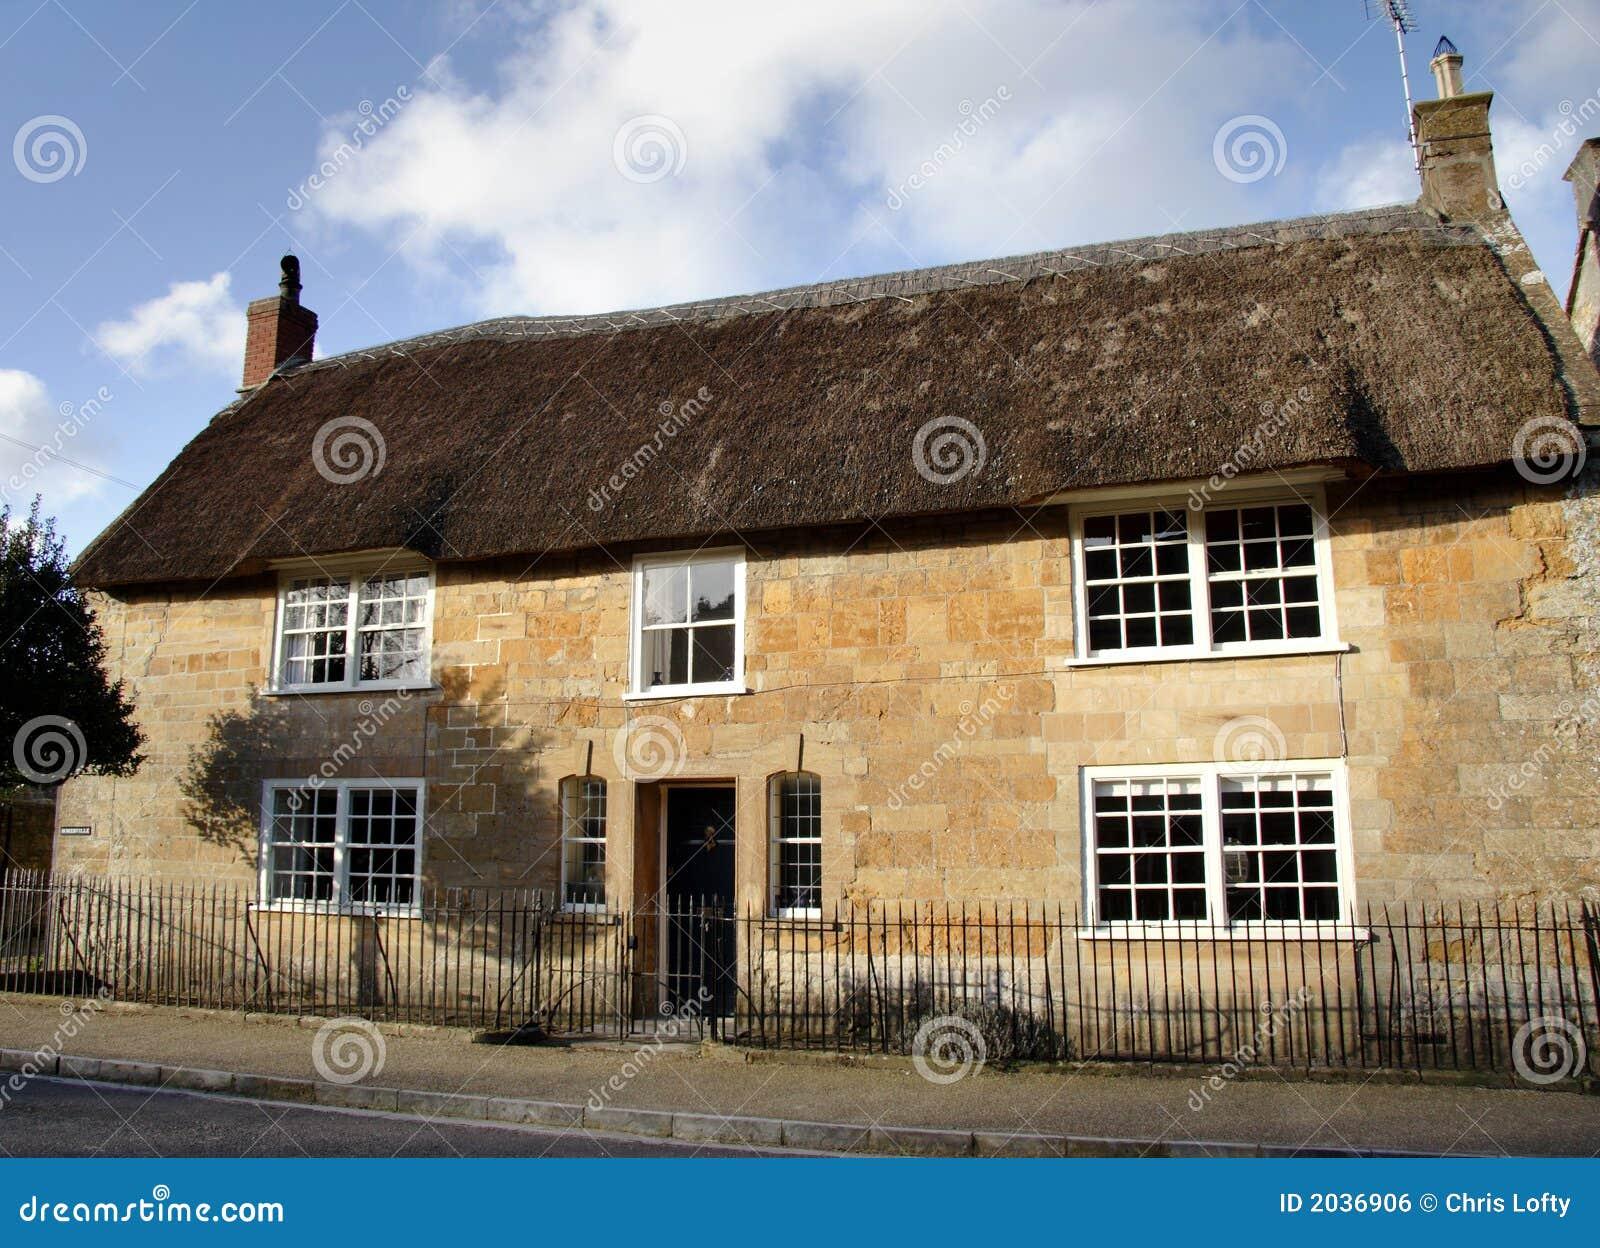 Het met stro bedekte huis van het dorp stock foto afbeelding 2036906 - Huis van het wereldkantoor newport ...